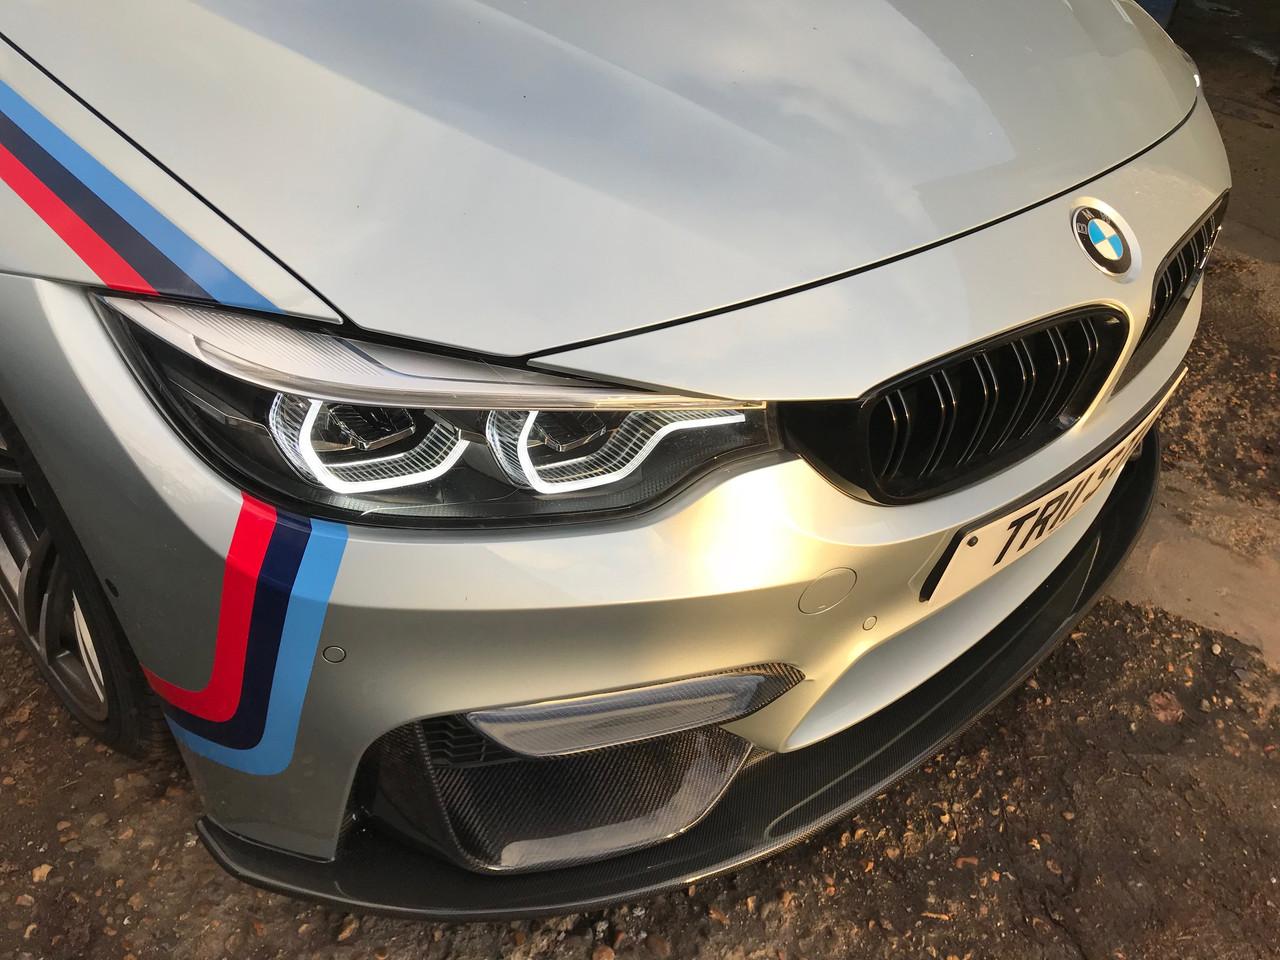 BMW f80 M3 F82 F83 M4 Styling & Performance Parts